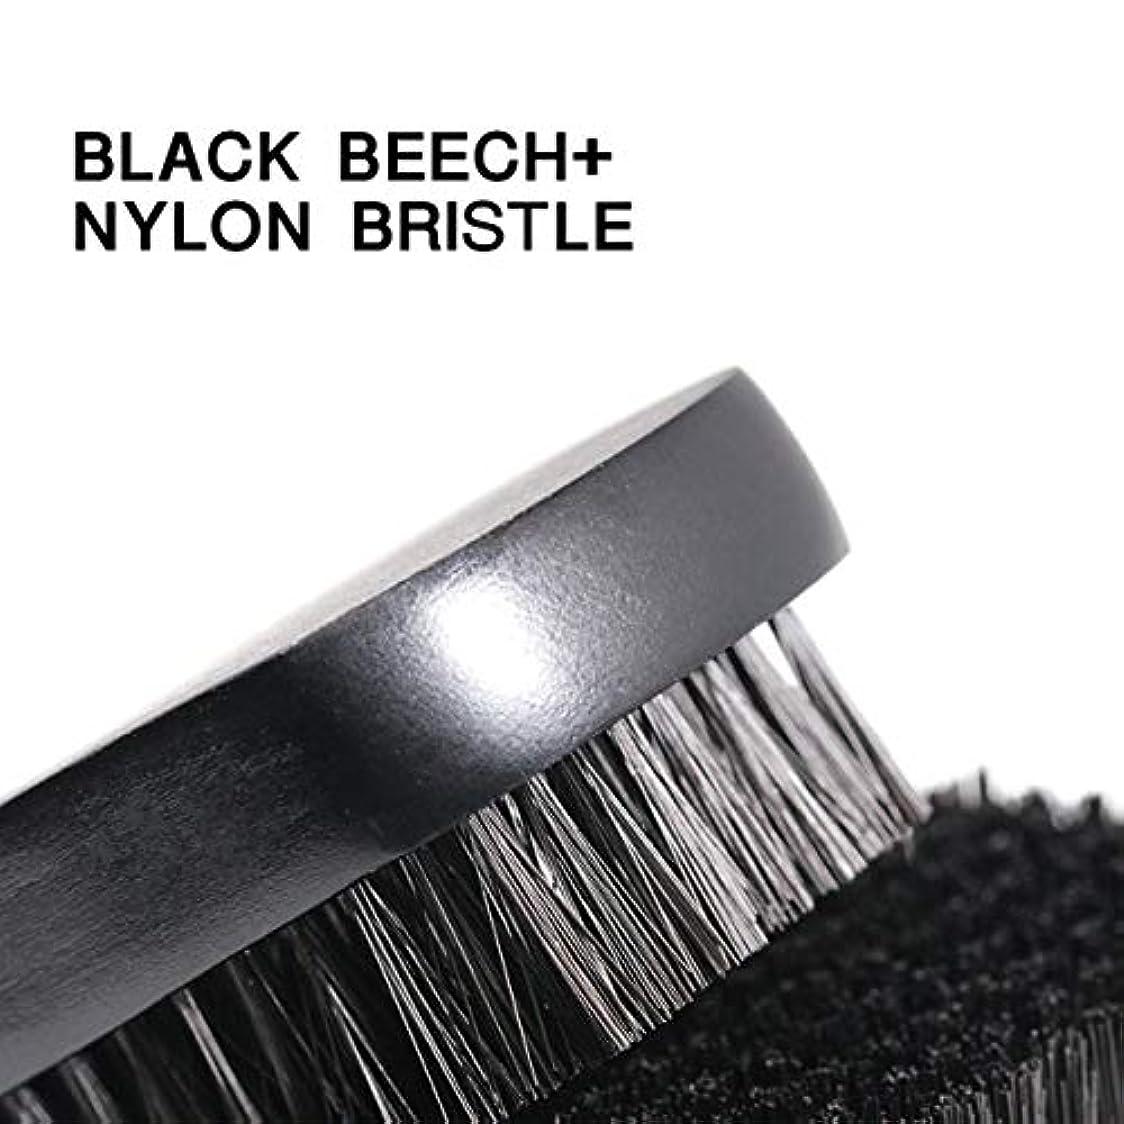 ブレーキ役職チャップ1pc Beard Brush For Men Facial Face Massager Nylon Hair Shaving Brush Wood Handle Massage Cleaner Comb